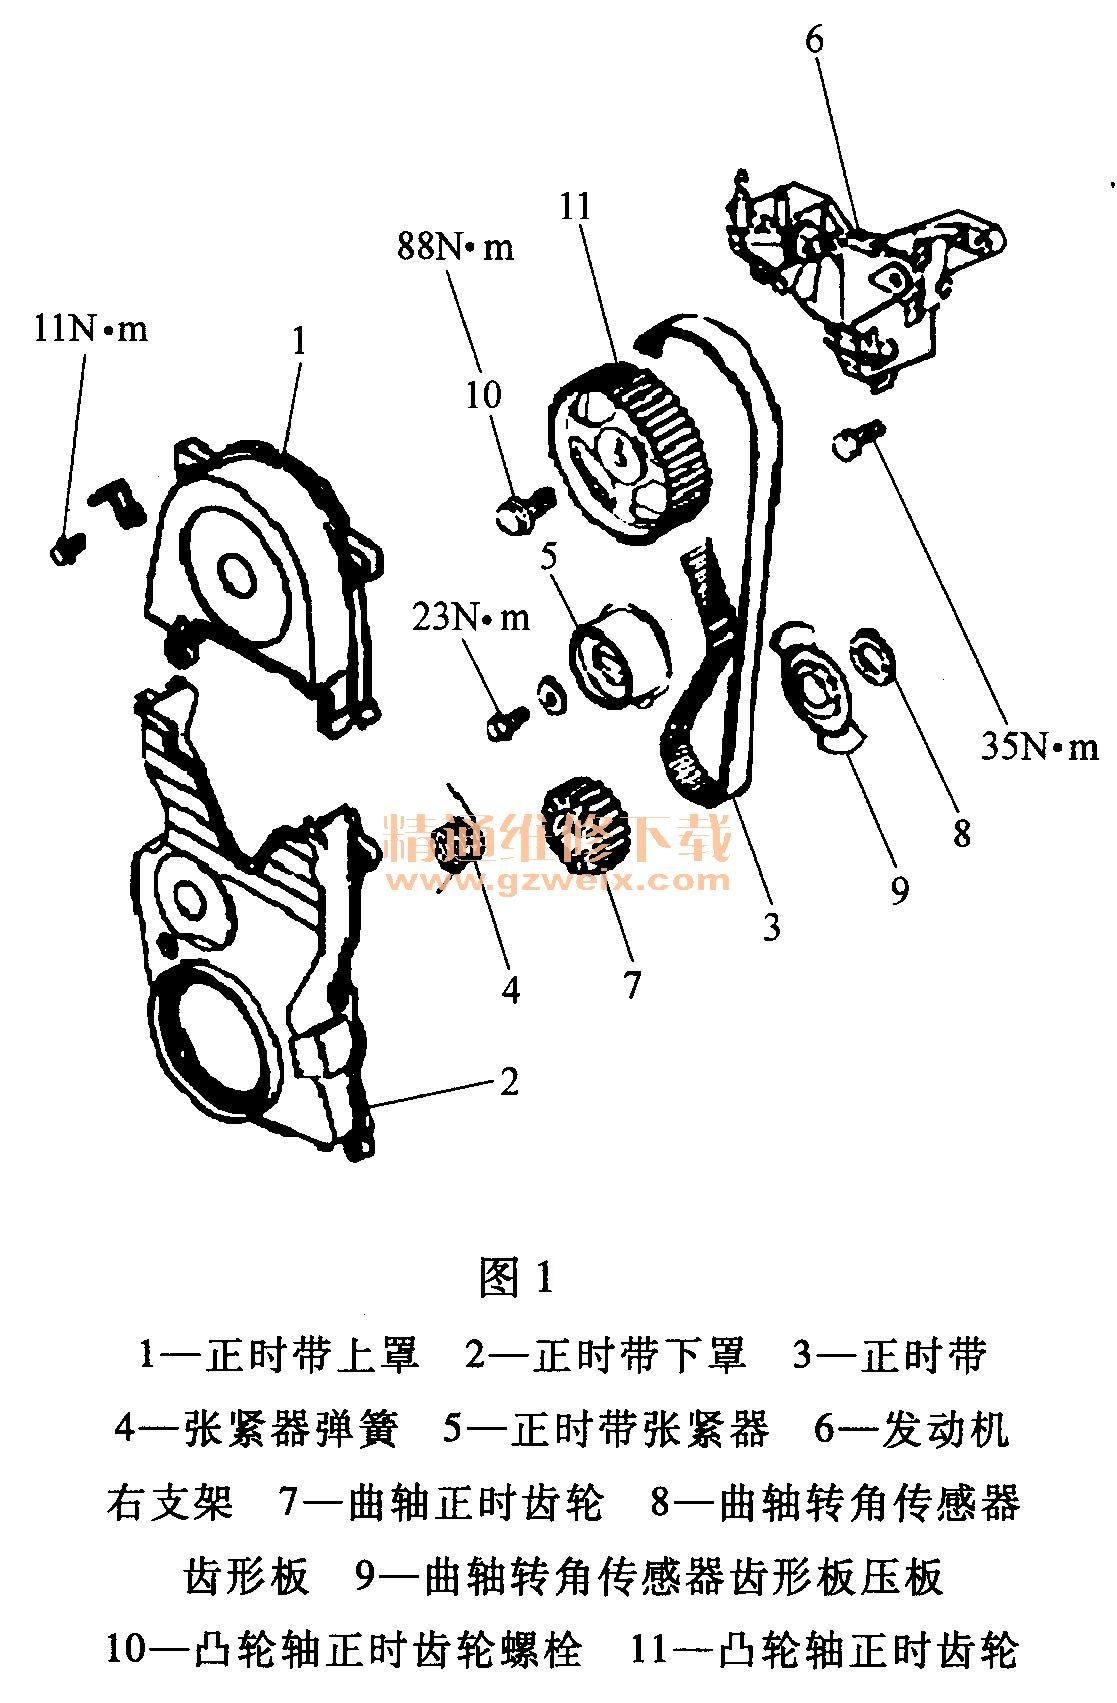 正时带传动部件(图1)  (1)旋转曲轴至1缸上止点位置。 (2)用钳子夹住张紧器弹簧伸长端,如图2所示,将它从机油泵壳体限位块上拆下,然后拆下张紧器弹簧。  (3)拆下正时带张紧器。 (4)如果正时带还要重新使用,则应在正时带上用粉笔画上箭头来表示它拆下前的旋转方向。这在重新使用时可确保正时带正确安装。